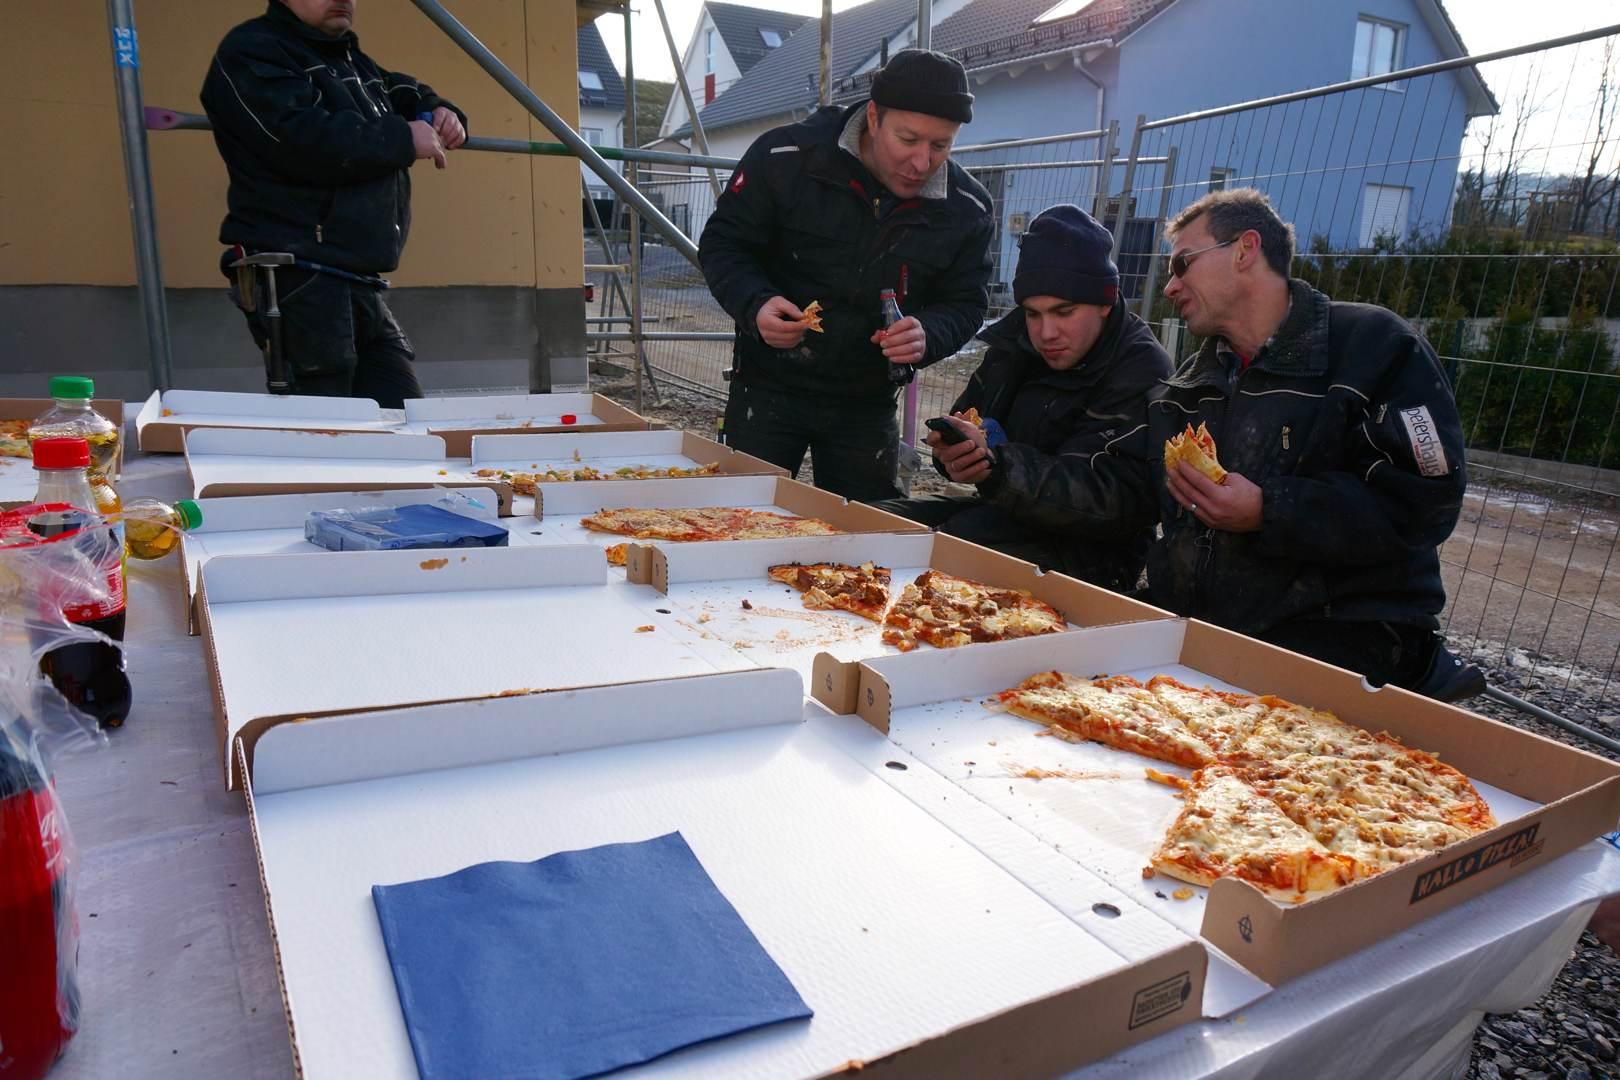 Petershaus_Baublog_8_Pizzapause